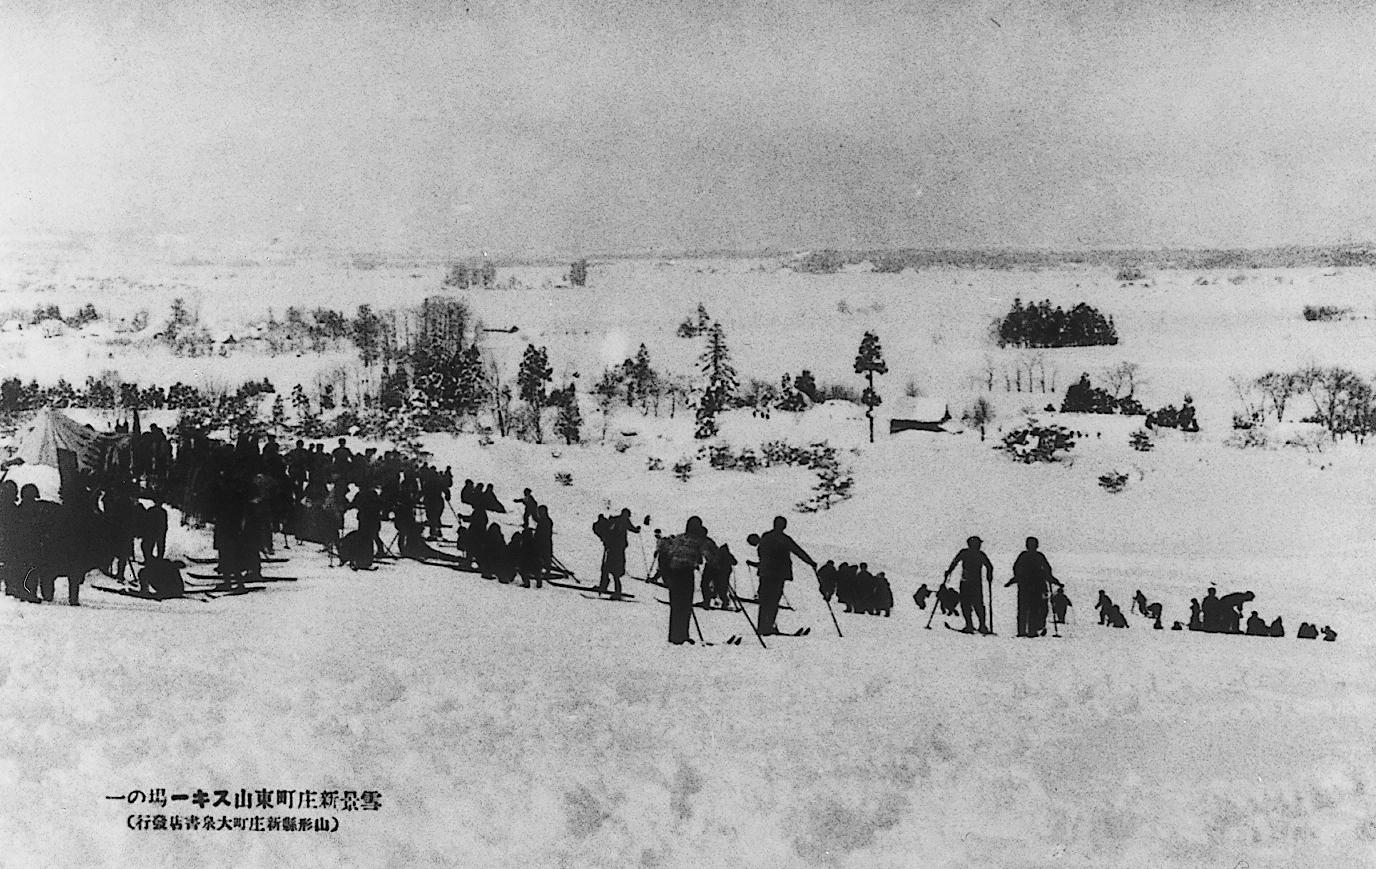 東山スキー場(昭和8年)